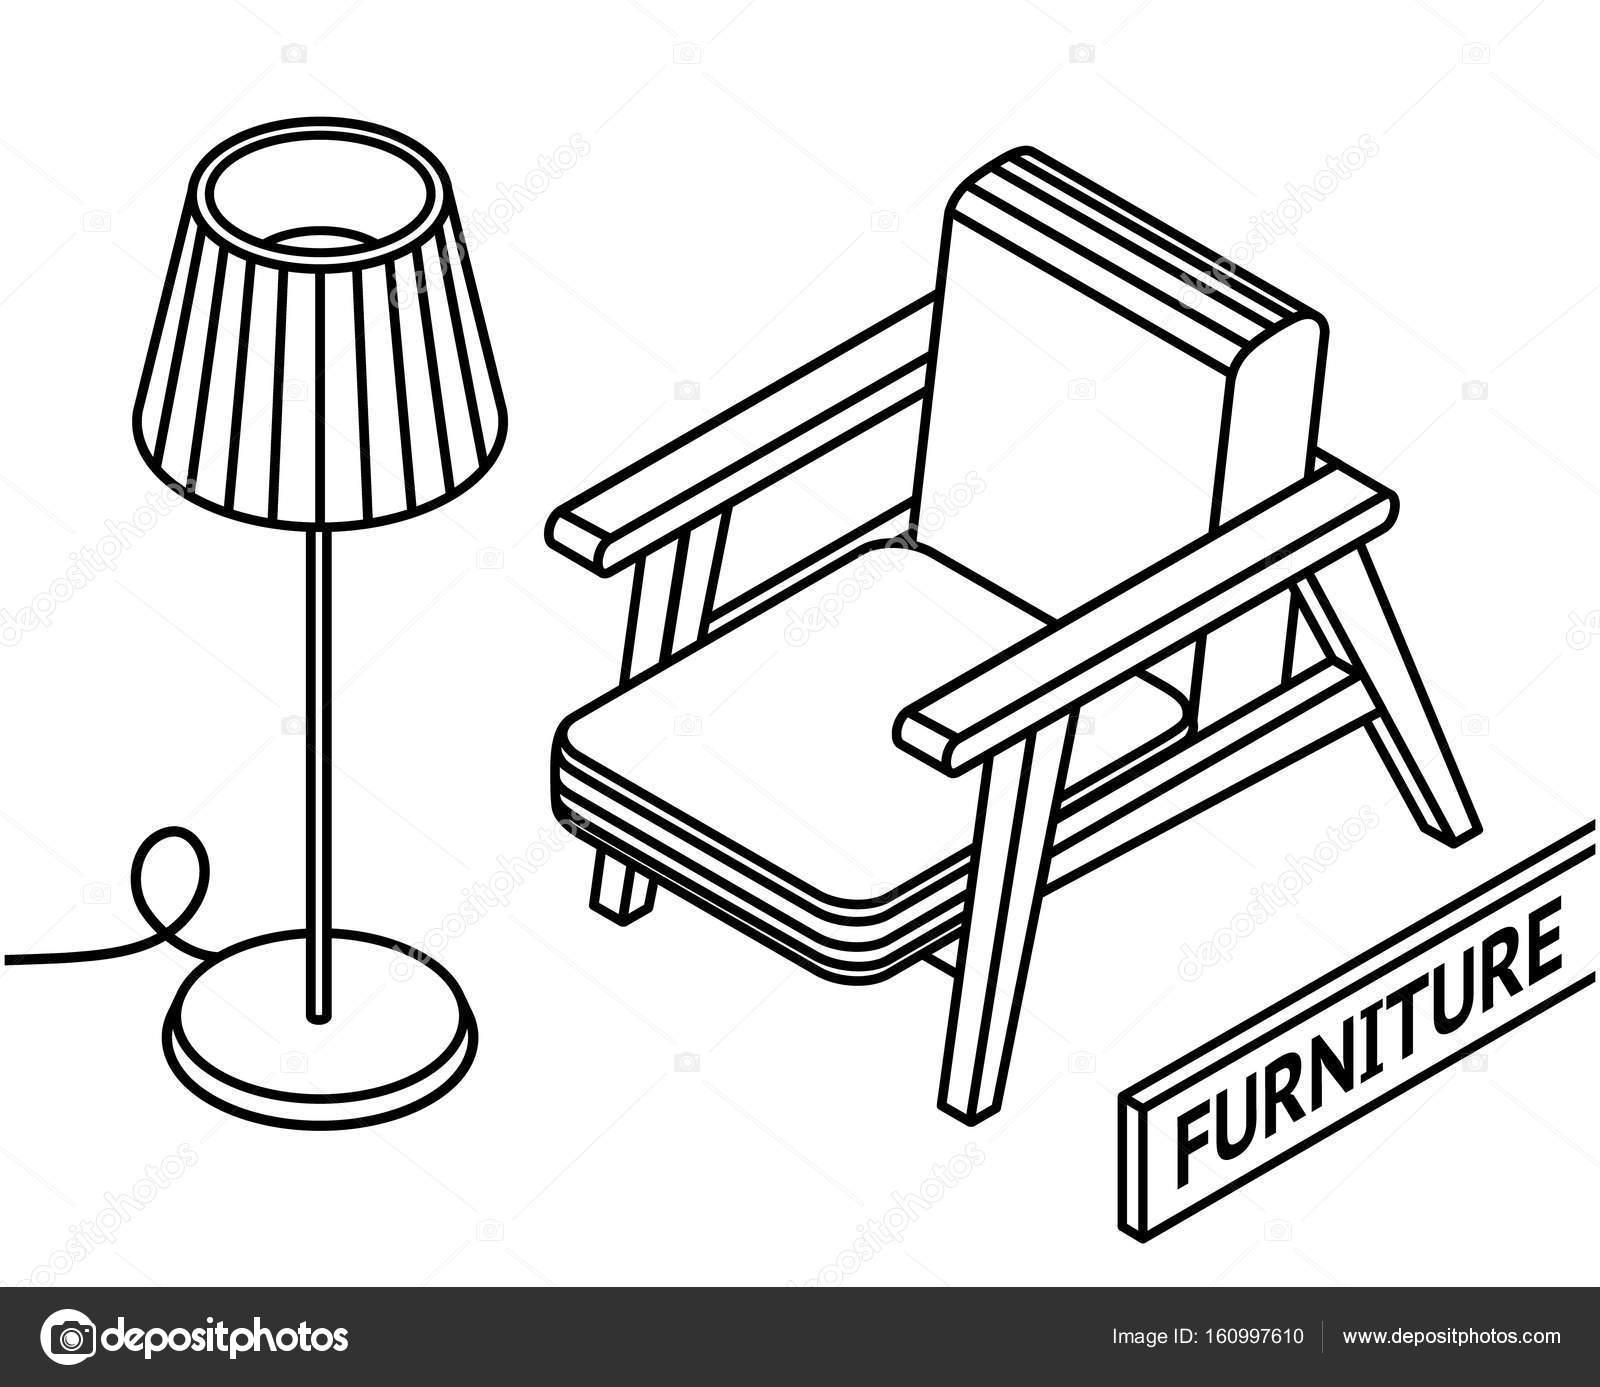 Muebles esquema isométrico. trazar línea 3D isométrico sillón y ...